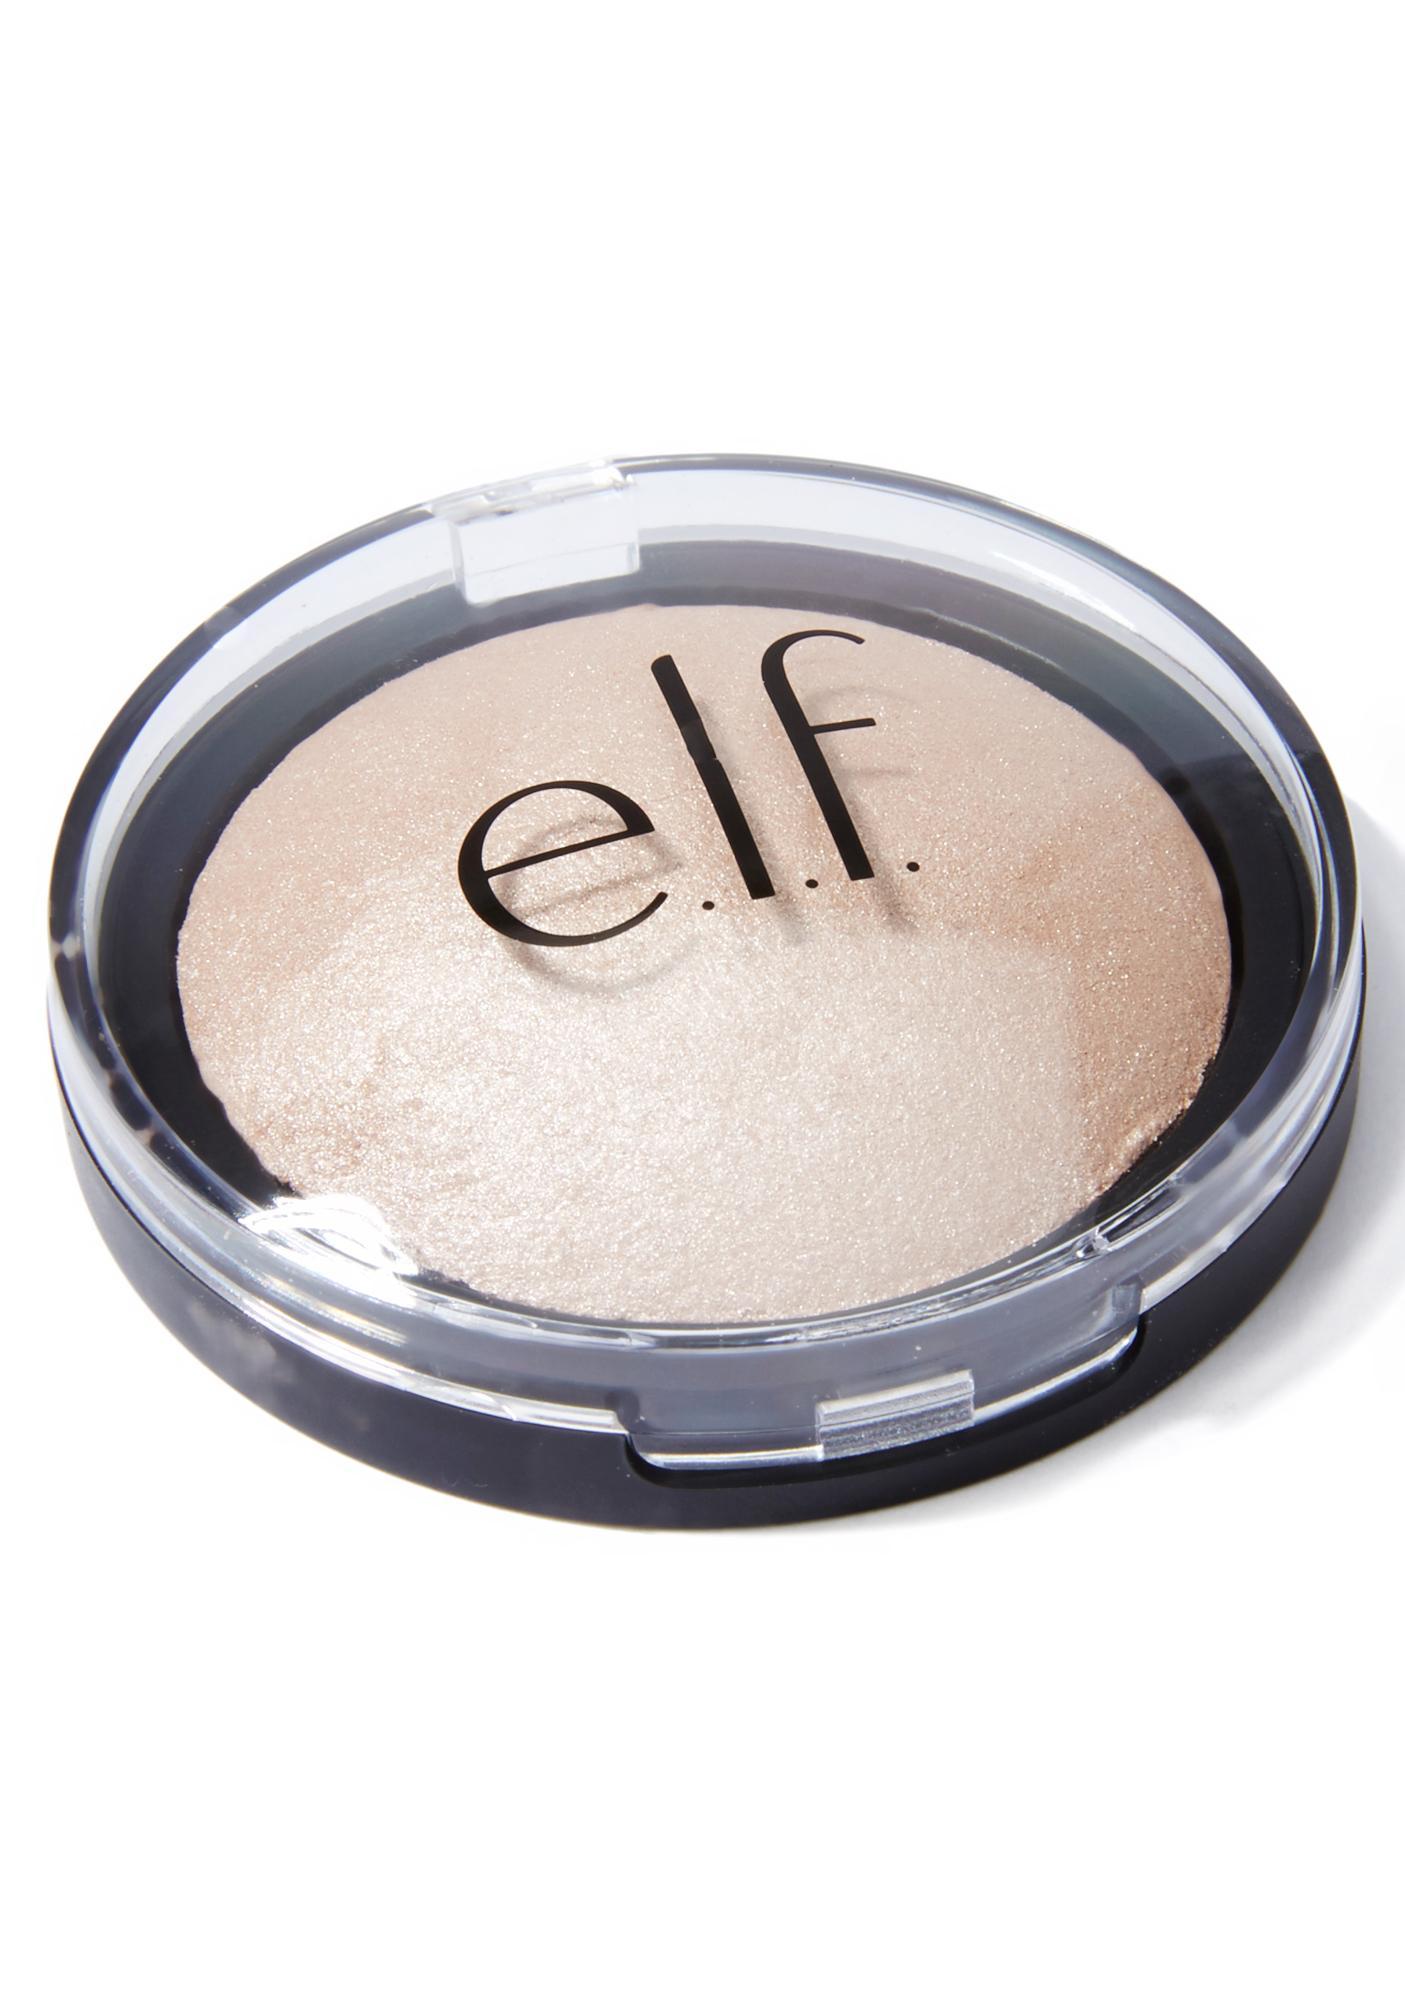 E.L.F Baked Highlighter